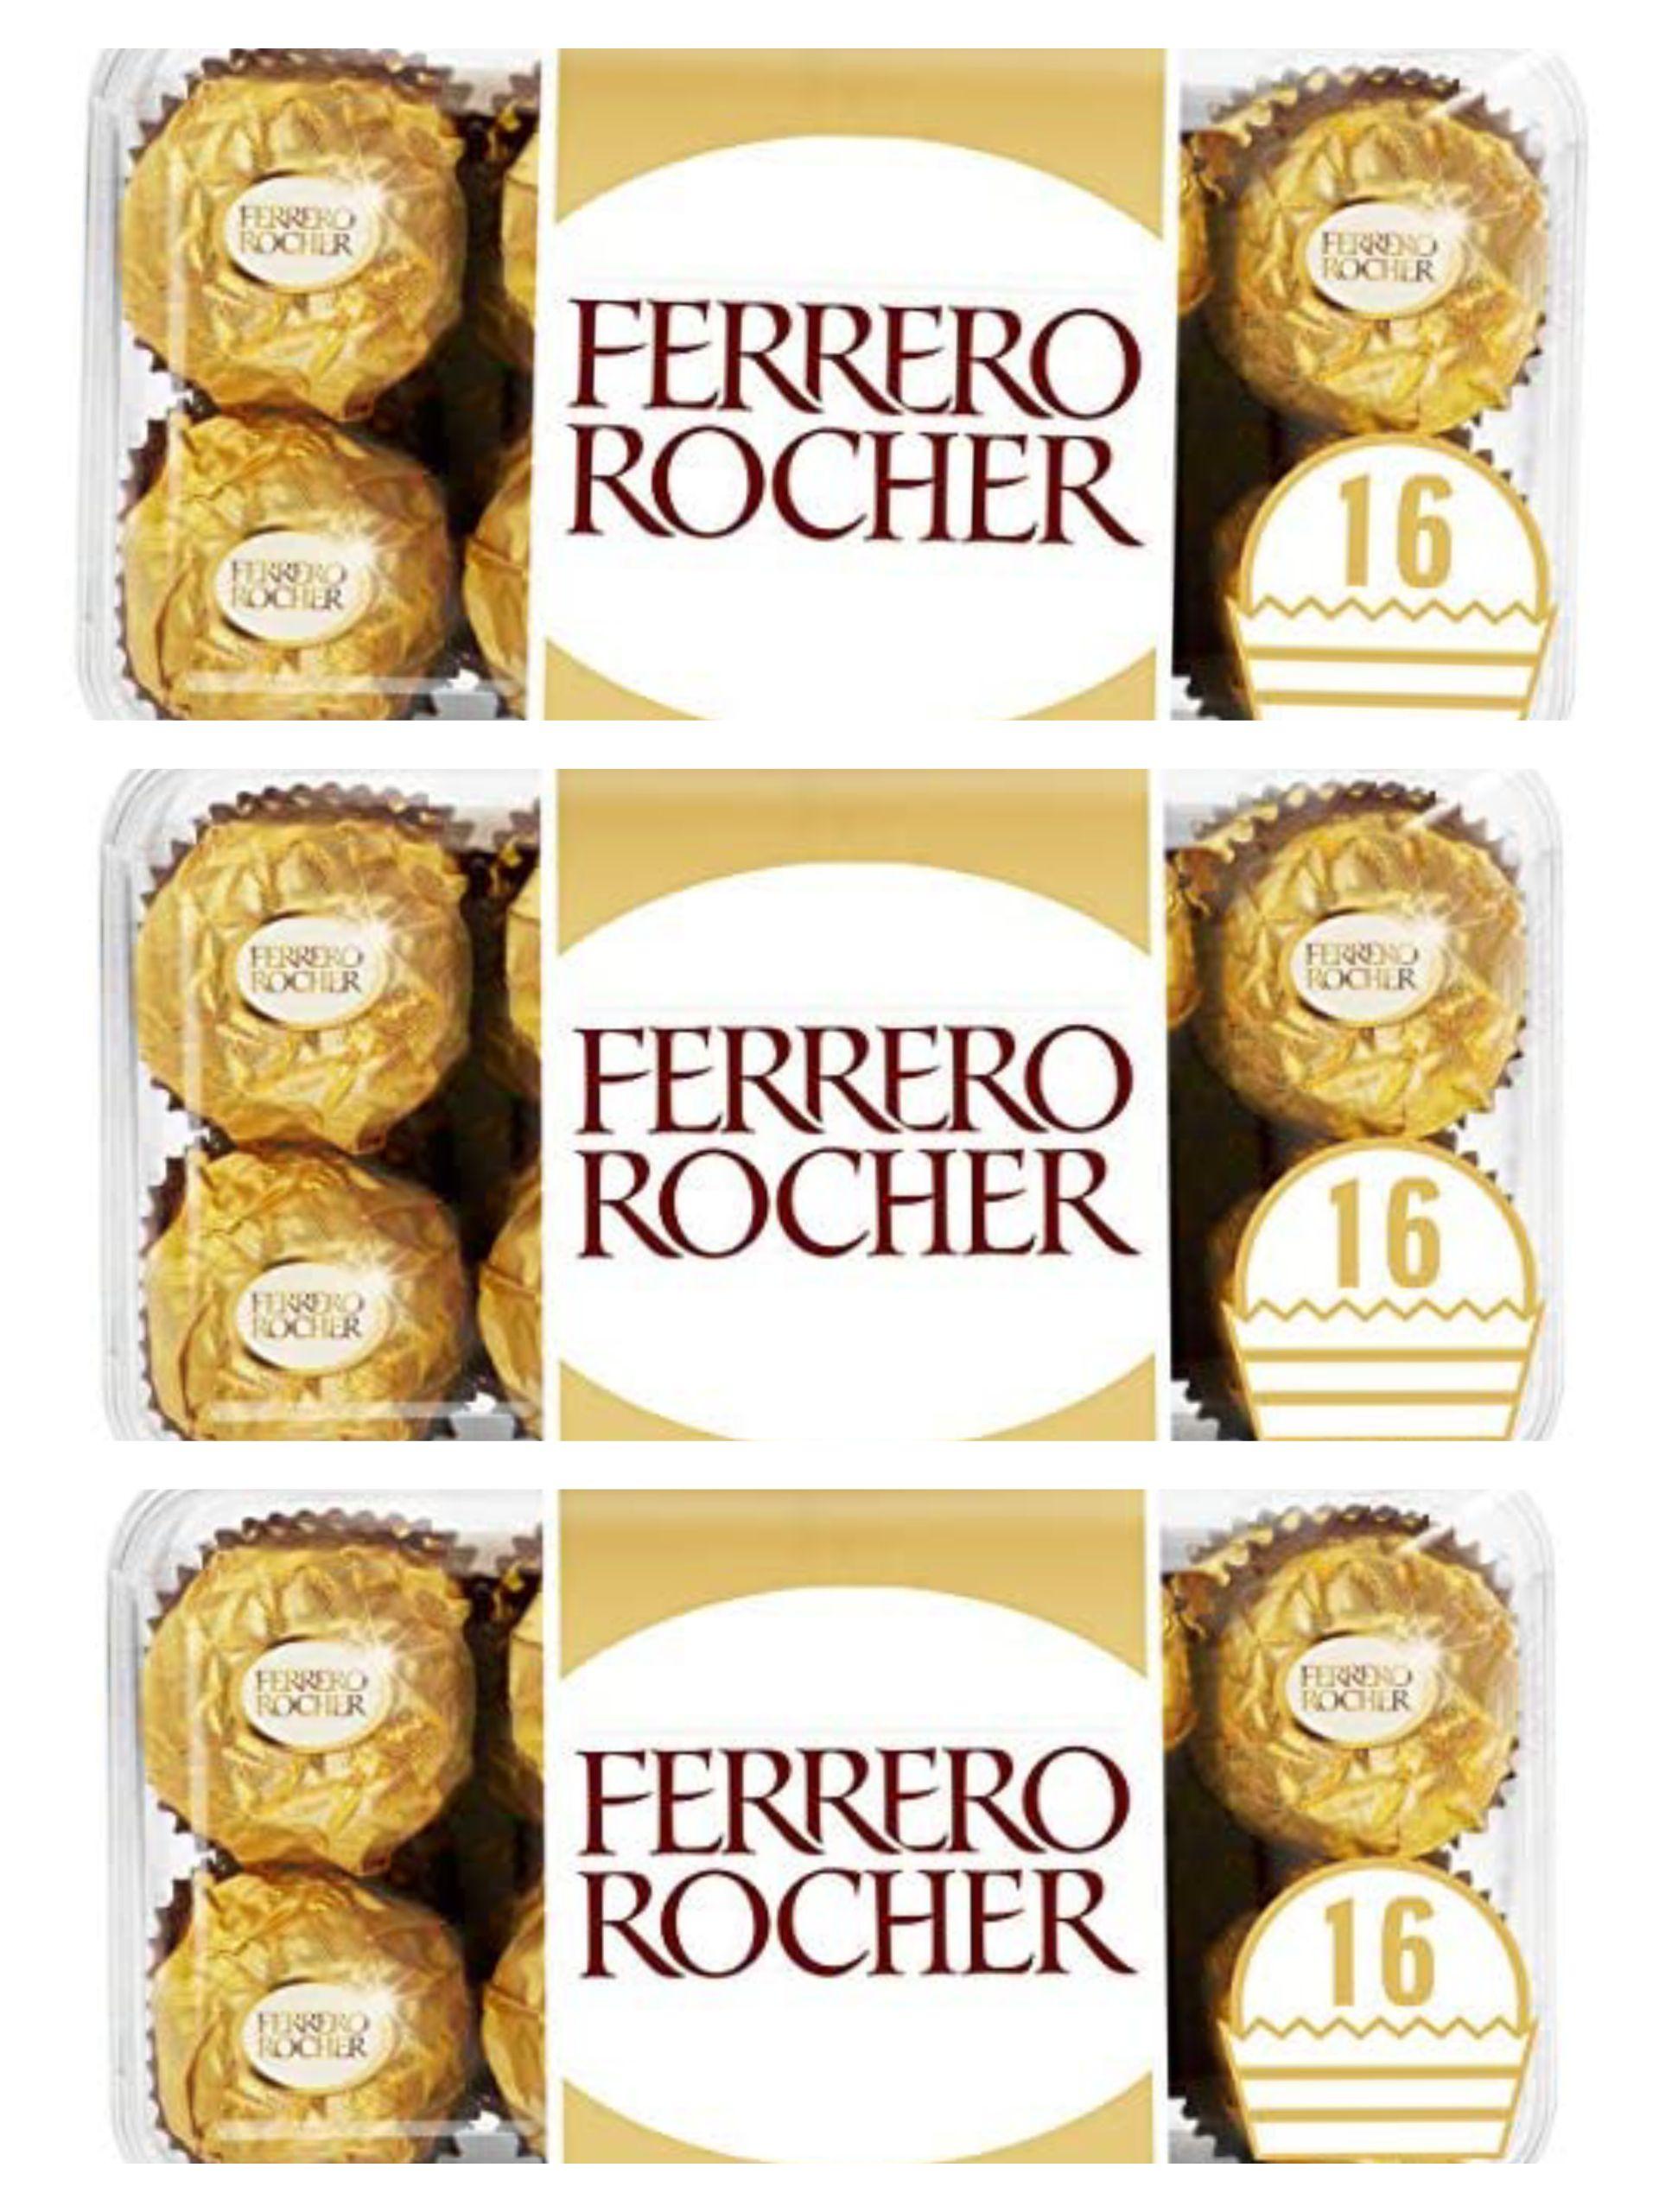 Ferrero Rocher Pack of 16 Chocolates - £2.79 (min. order quantity: 3) - £8.37 Prime / +£4.49 Non-Prime @ Amazon